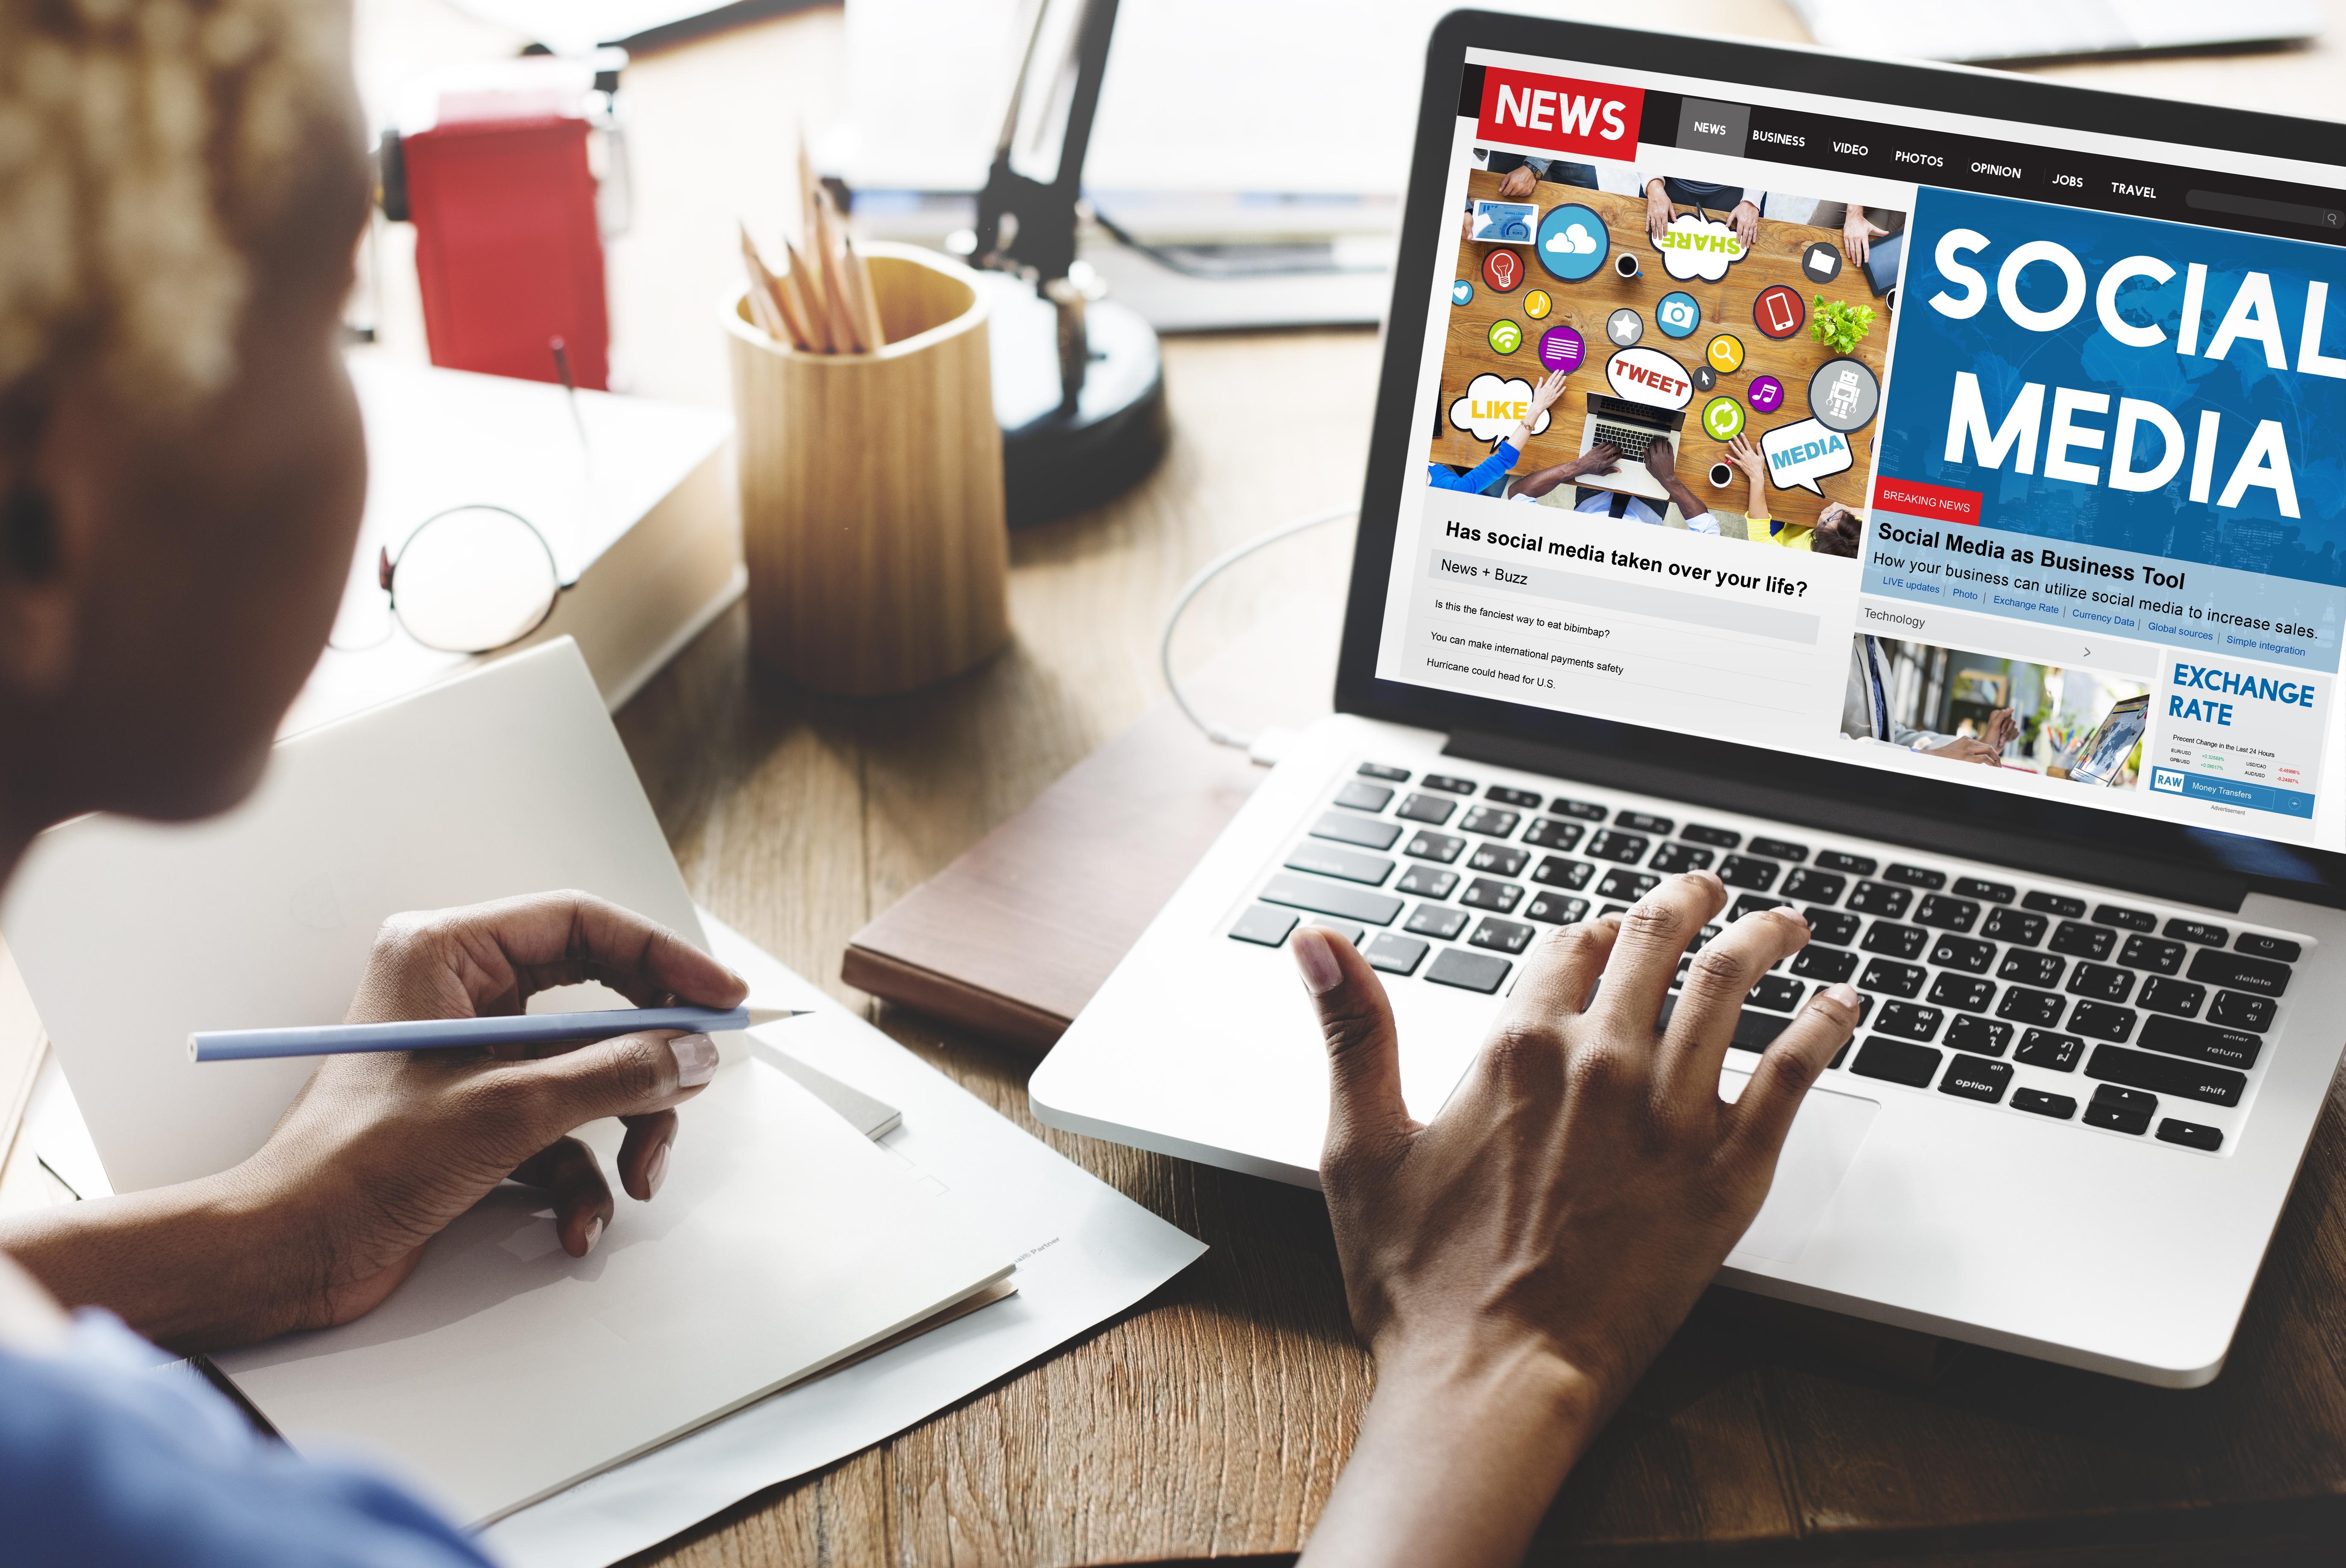 Que l'Inbound Marketing repose en paix... vive le 100% médias sociaux !